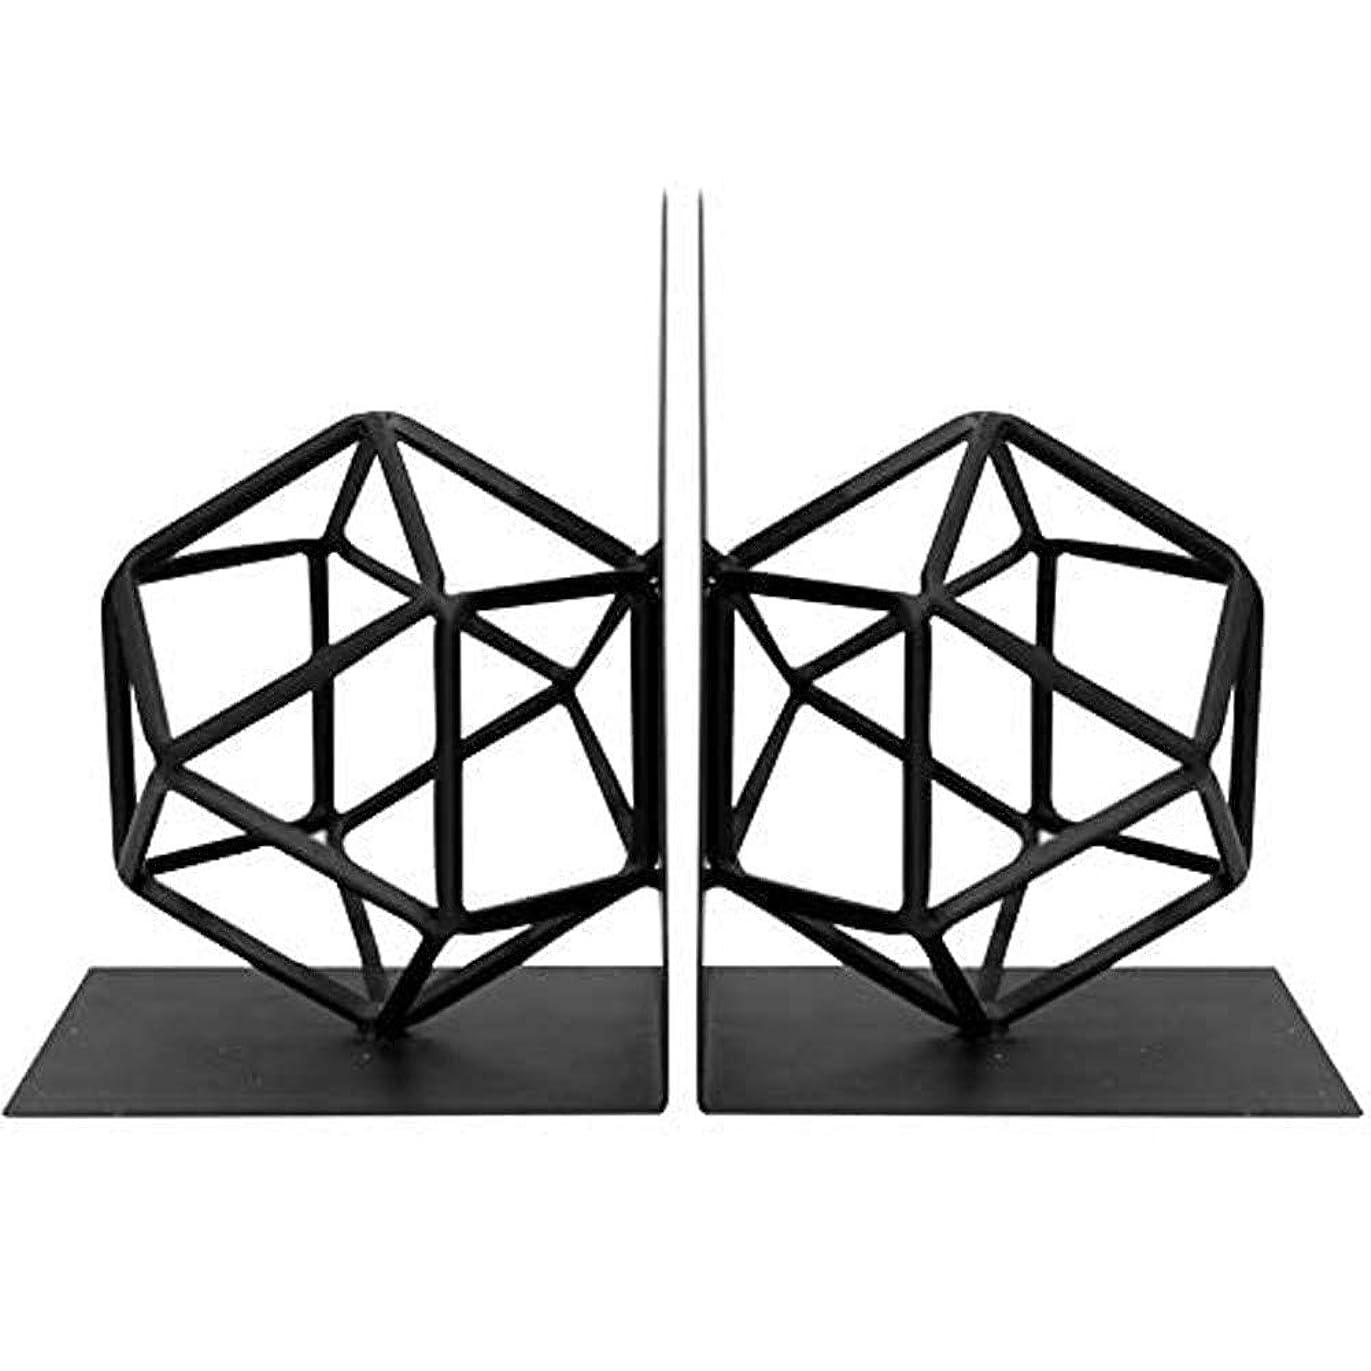 集める頻繁にスプリットブックエンド装飾的で創造的な幾何学的なブックスタンドメタルブラックヘビーデューティー、デスクトップシェルフ、ストッパー、ホーム、オフィス用ブックオーガナイザー